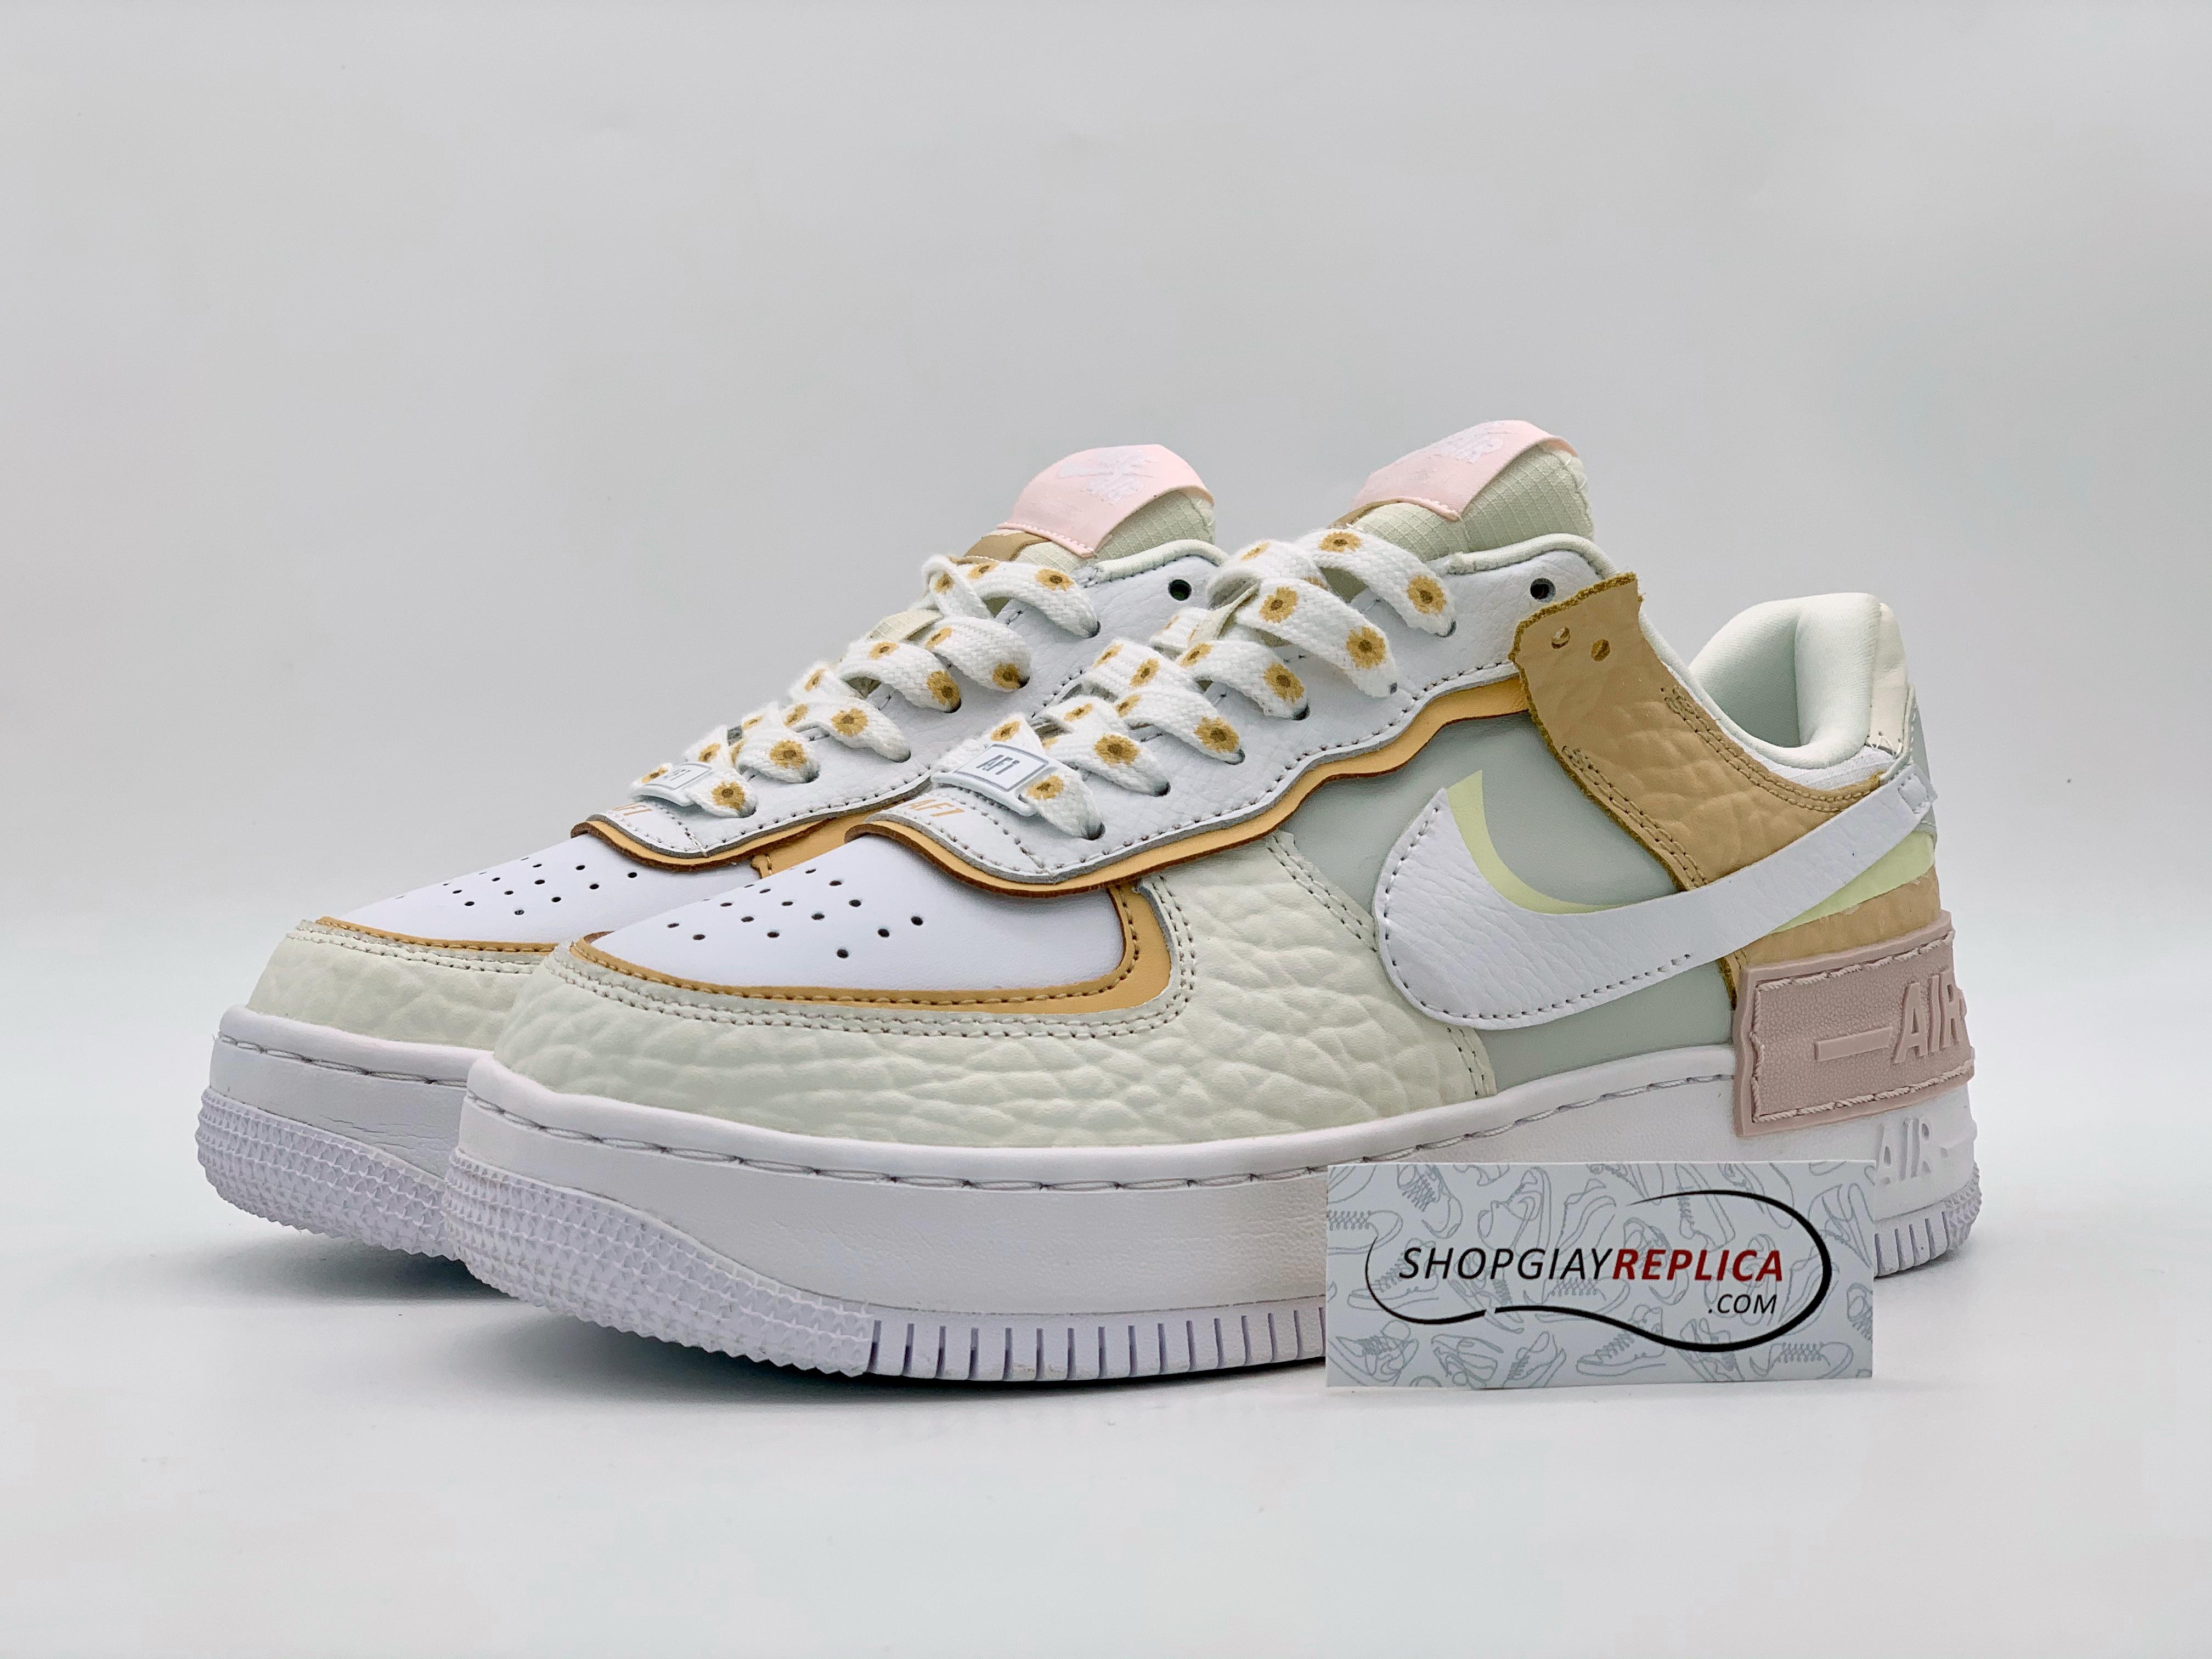 Giày Nike Air Force 1 Shadow 'Daisy' Spruce Aura Replica